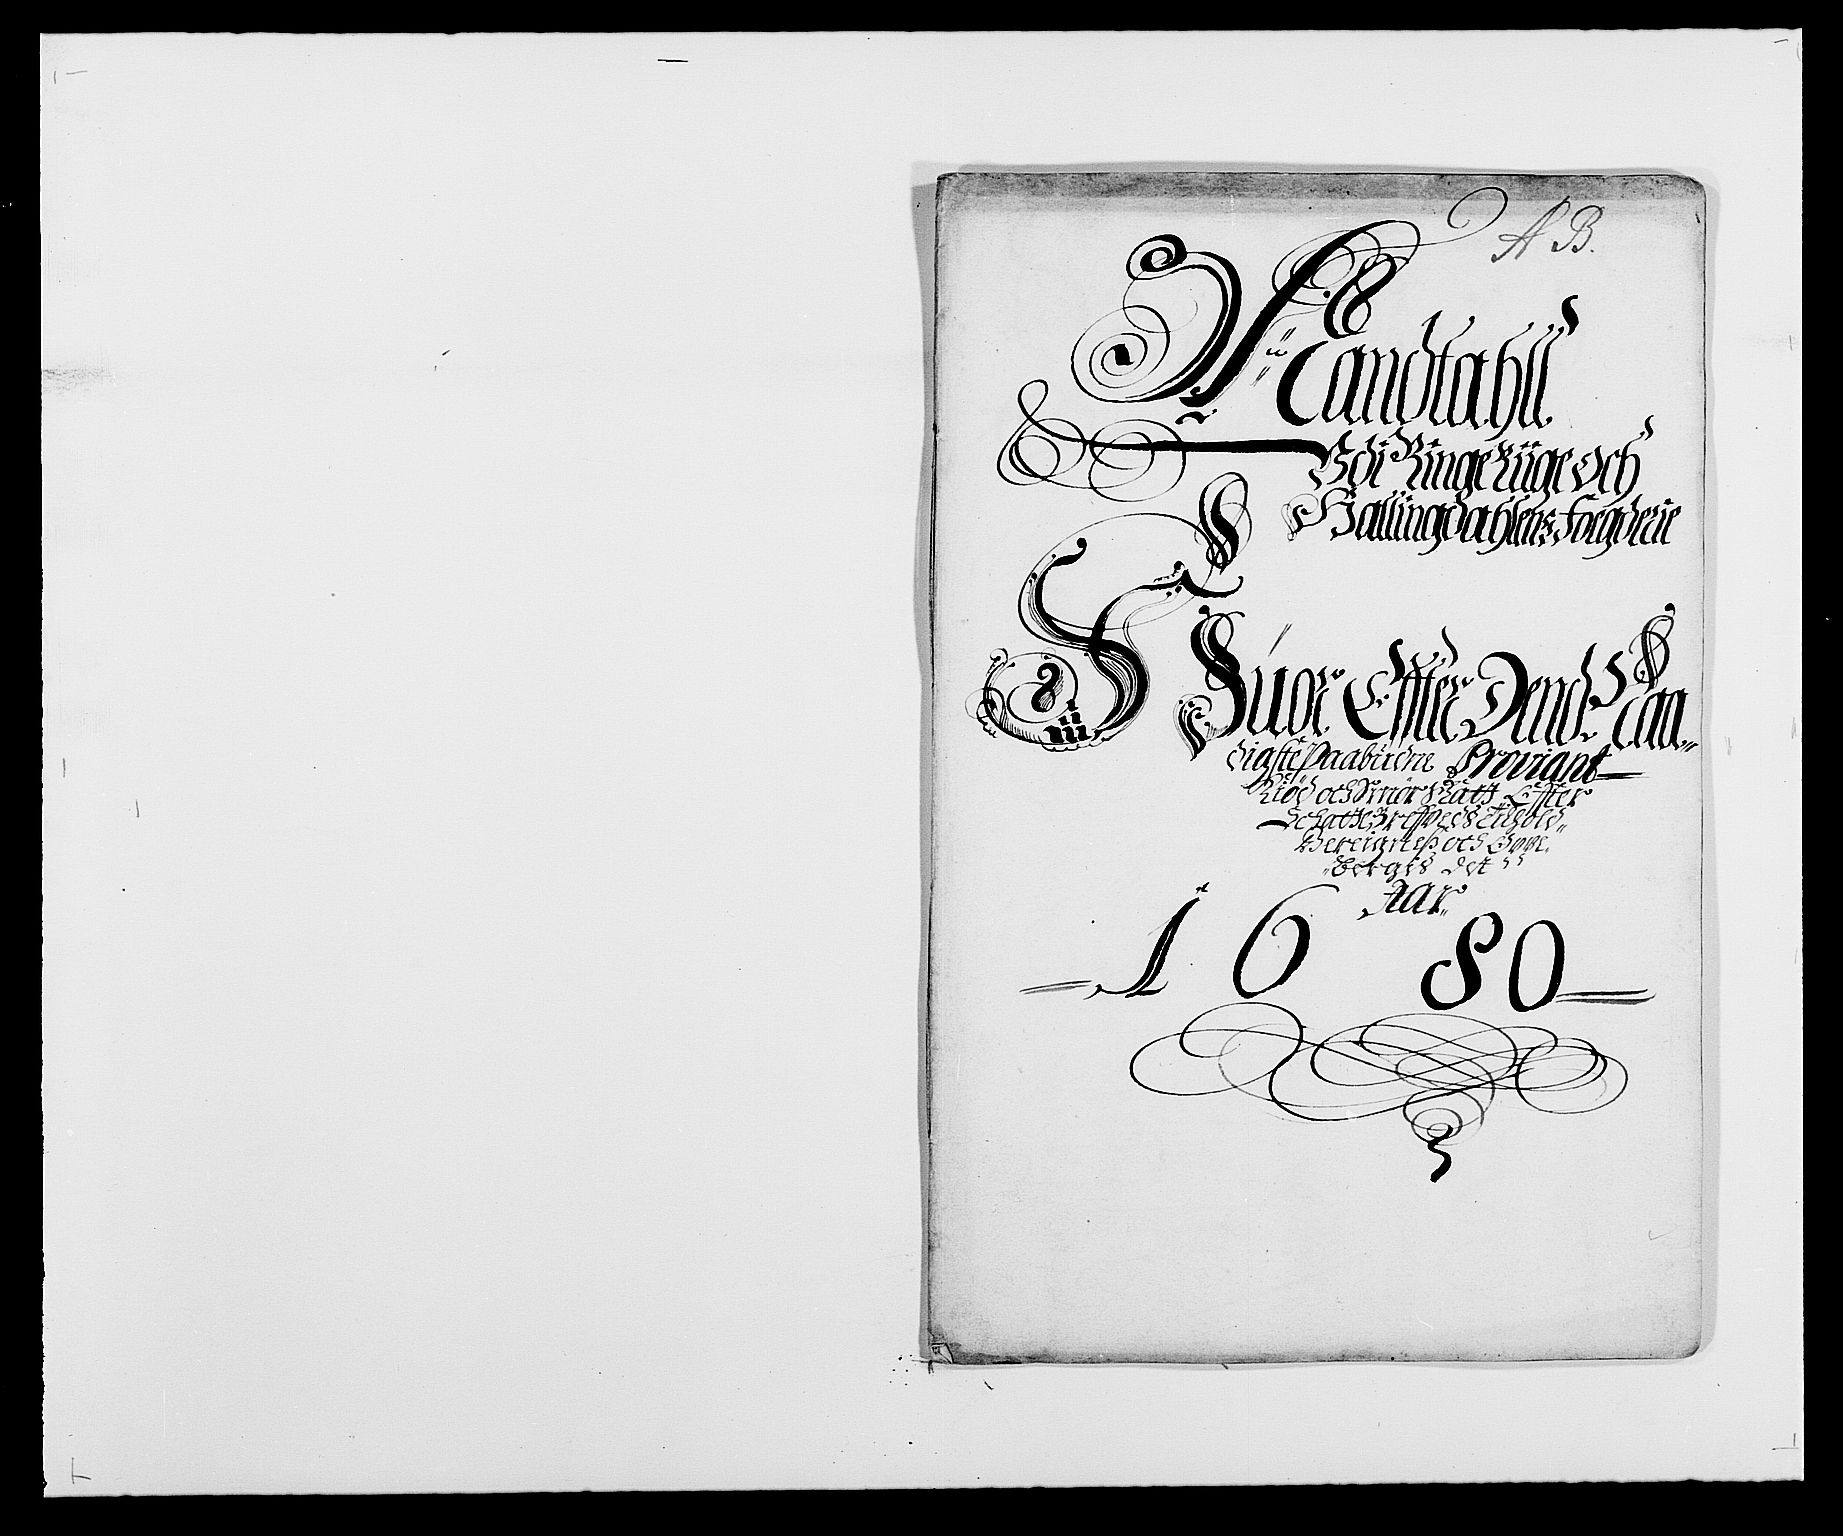 RA, Rentekammeret inntil 1814, Reviderte regnskaper, Fogderegnskap, R21/L1444: Fogderegnskap Ringerike og Hallingdal, 1680-1681, s. 80